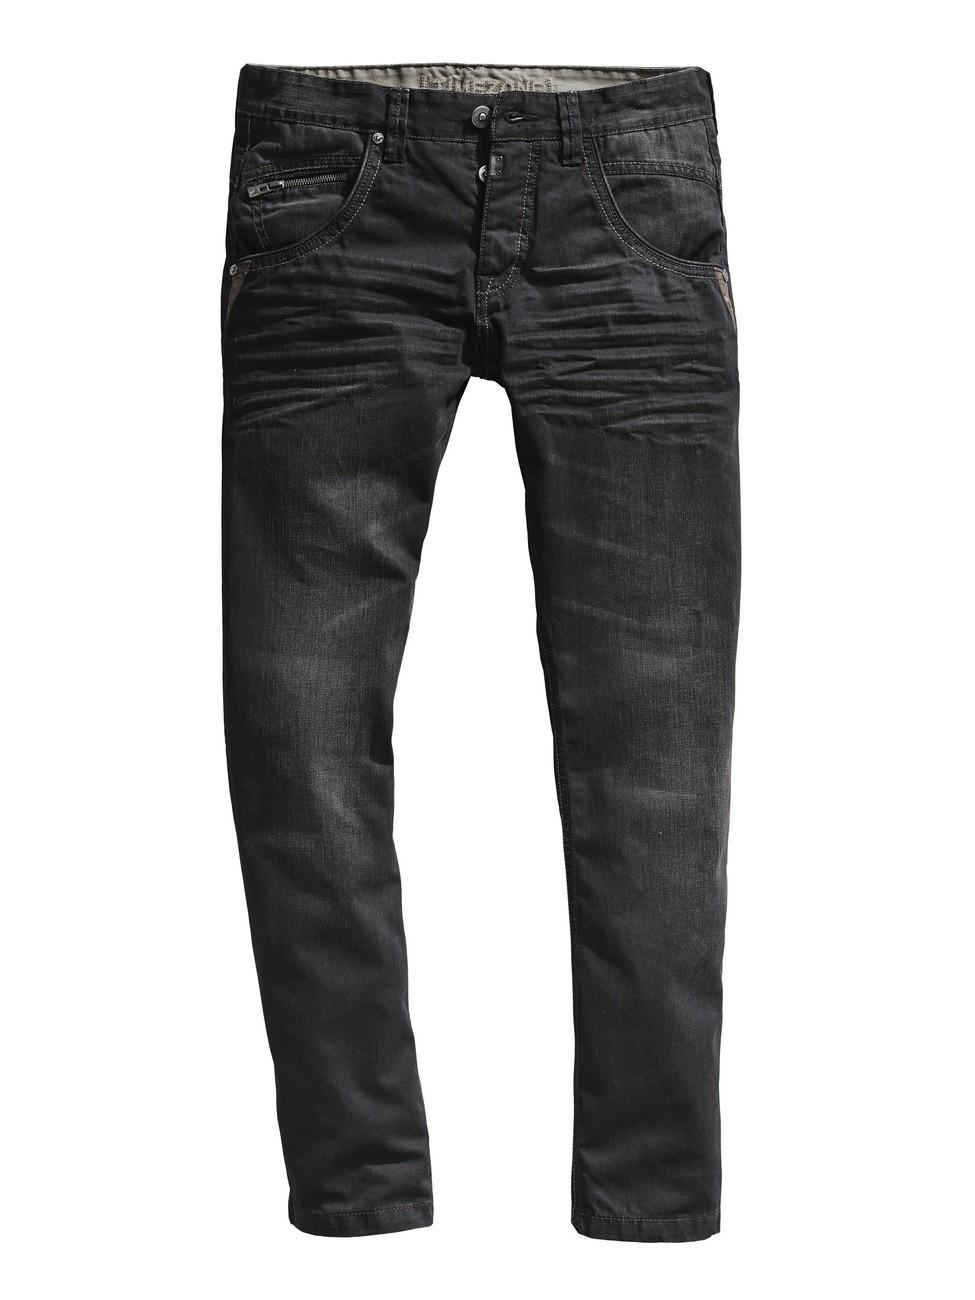 timezone herren jeans haroldtz rough regular fit black. Black Bedroom Furniture Sets. Home Design Ideas